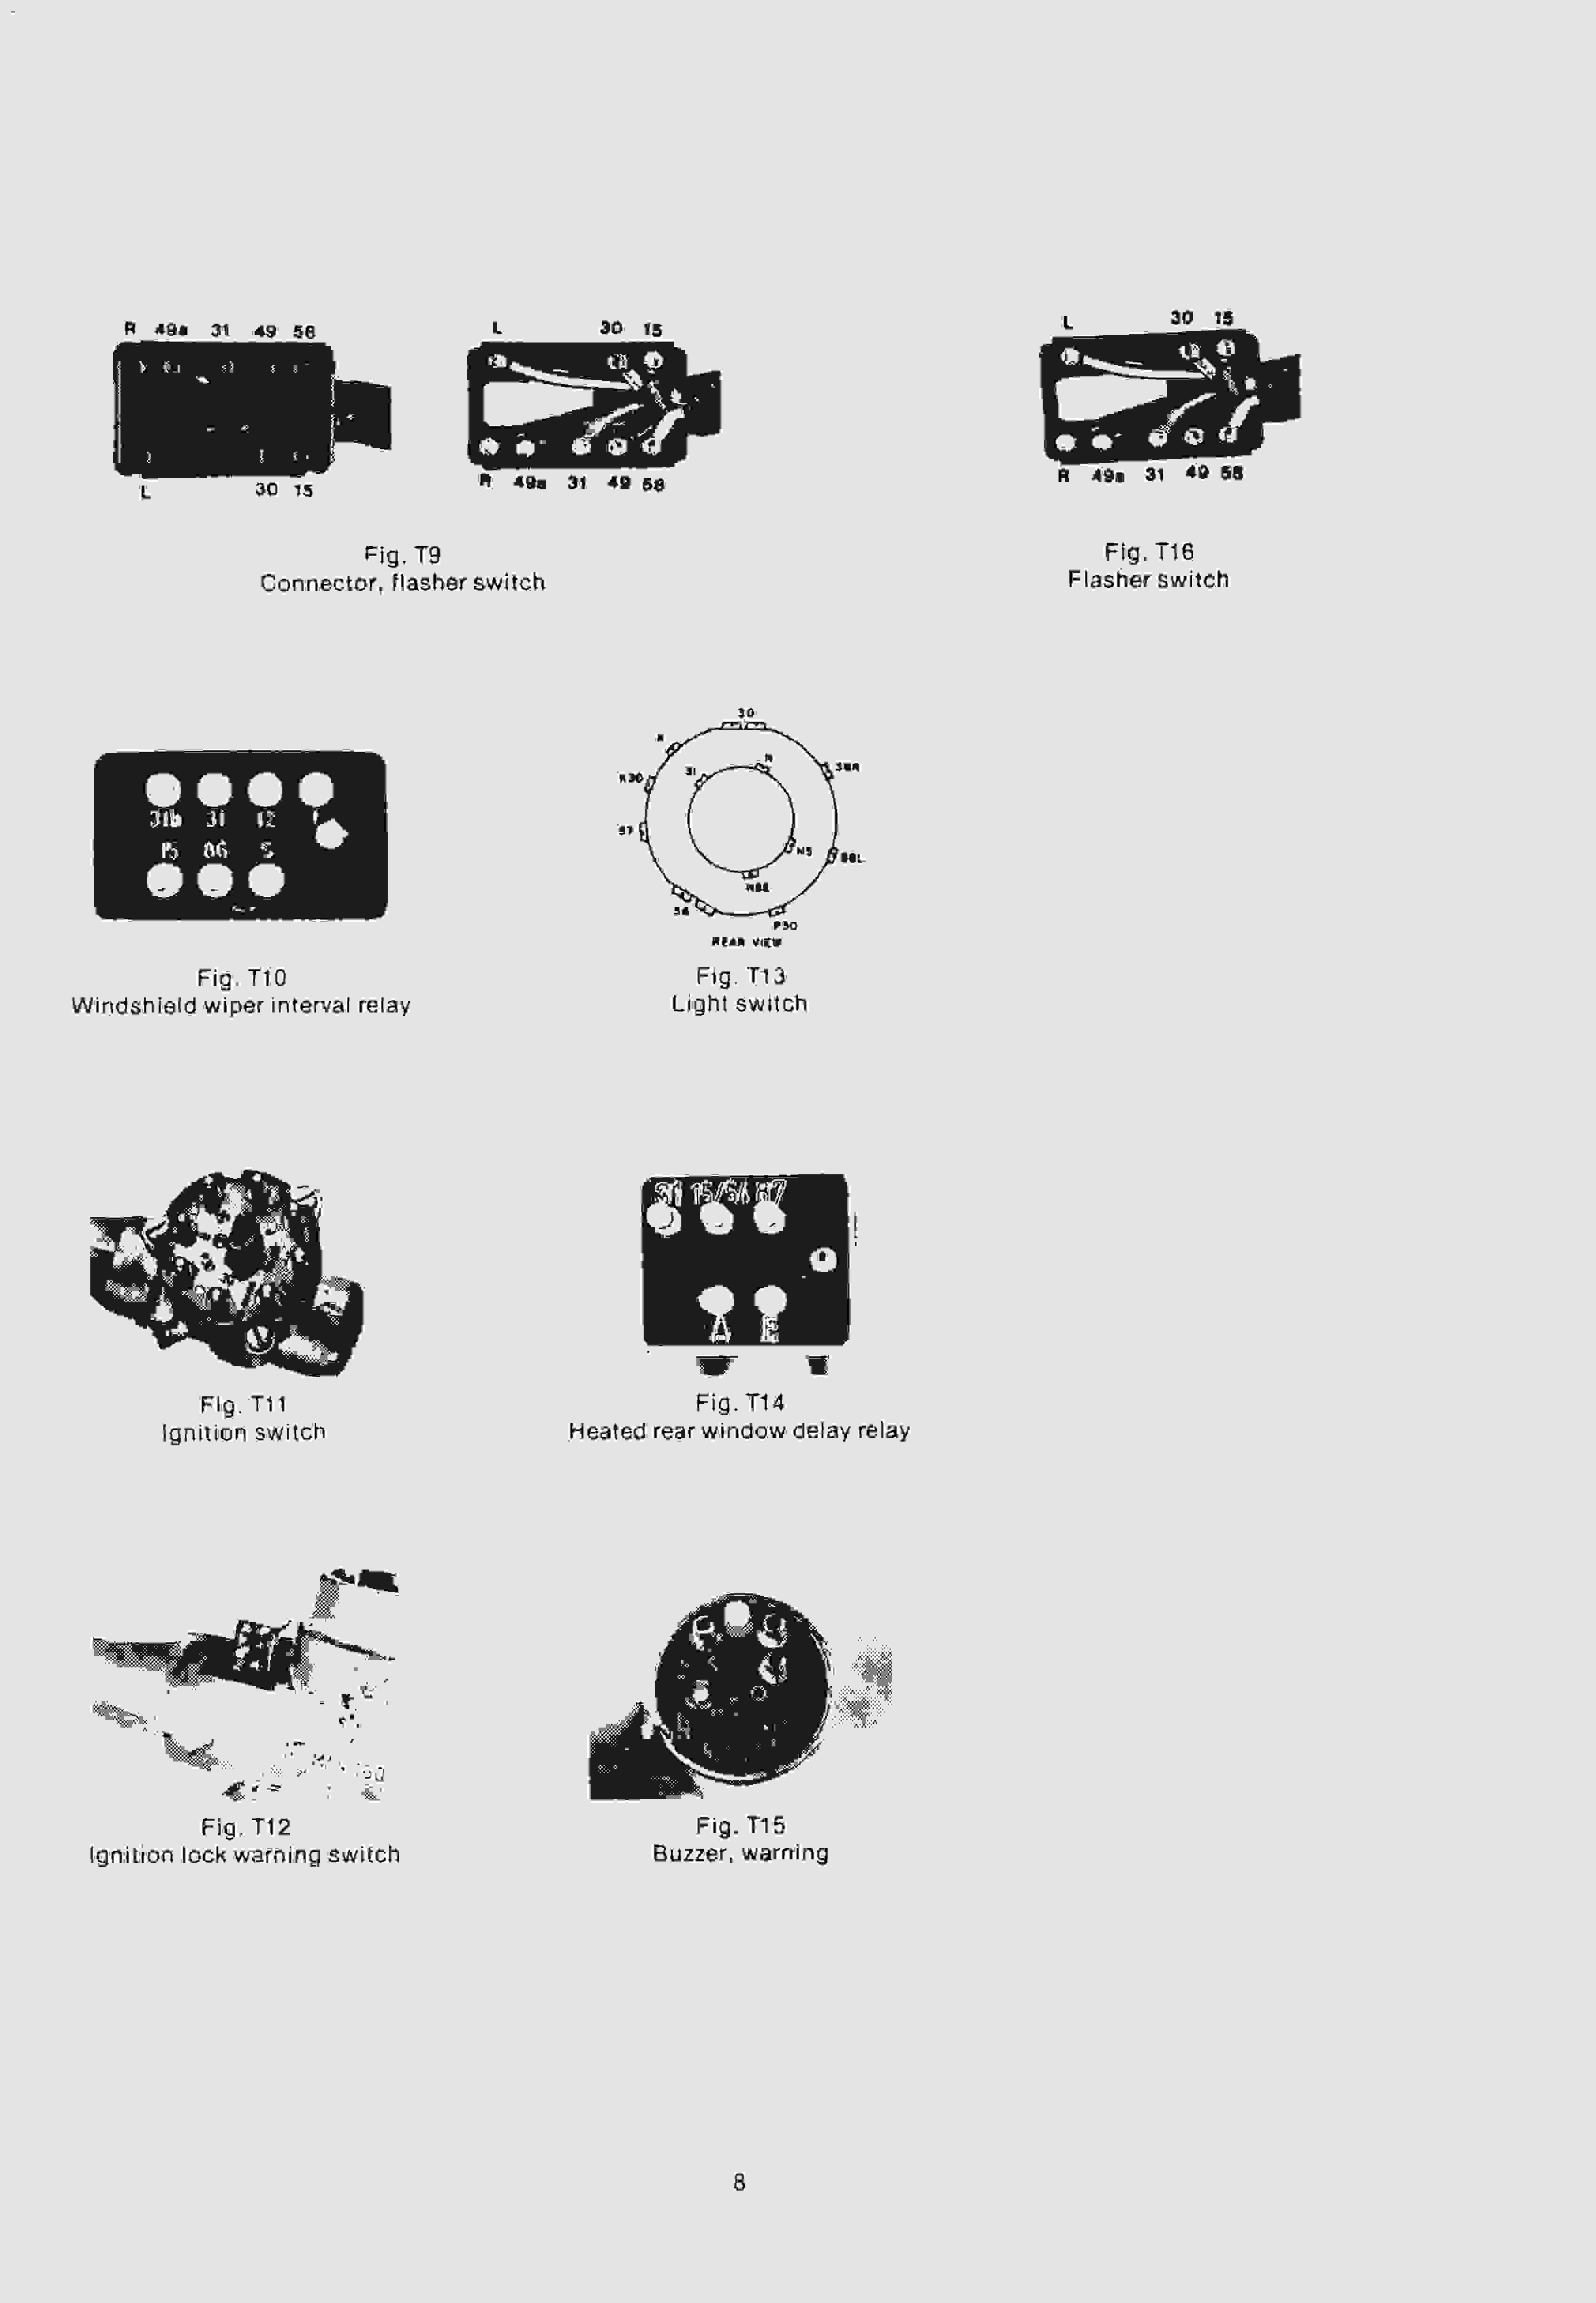 W114/115 - обозначения на эл.схемах, разъемы, цвета проводов... 810